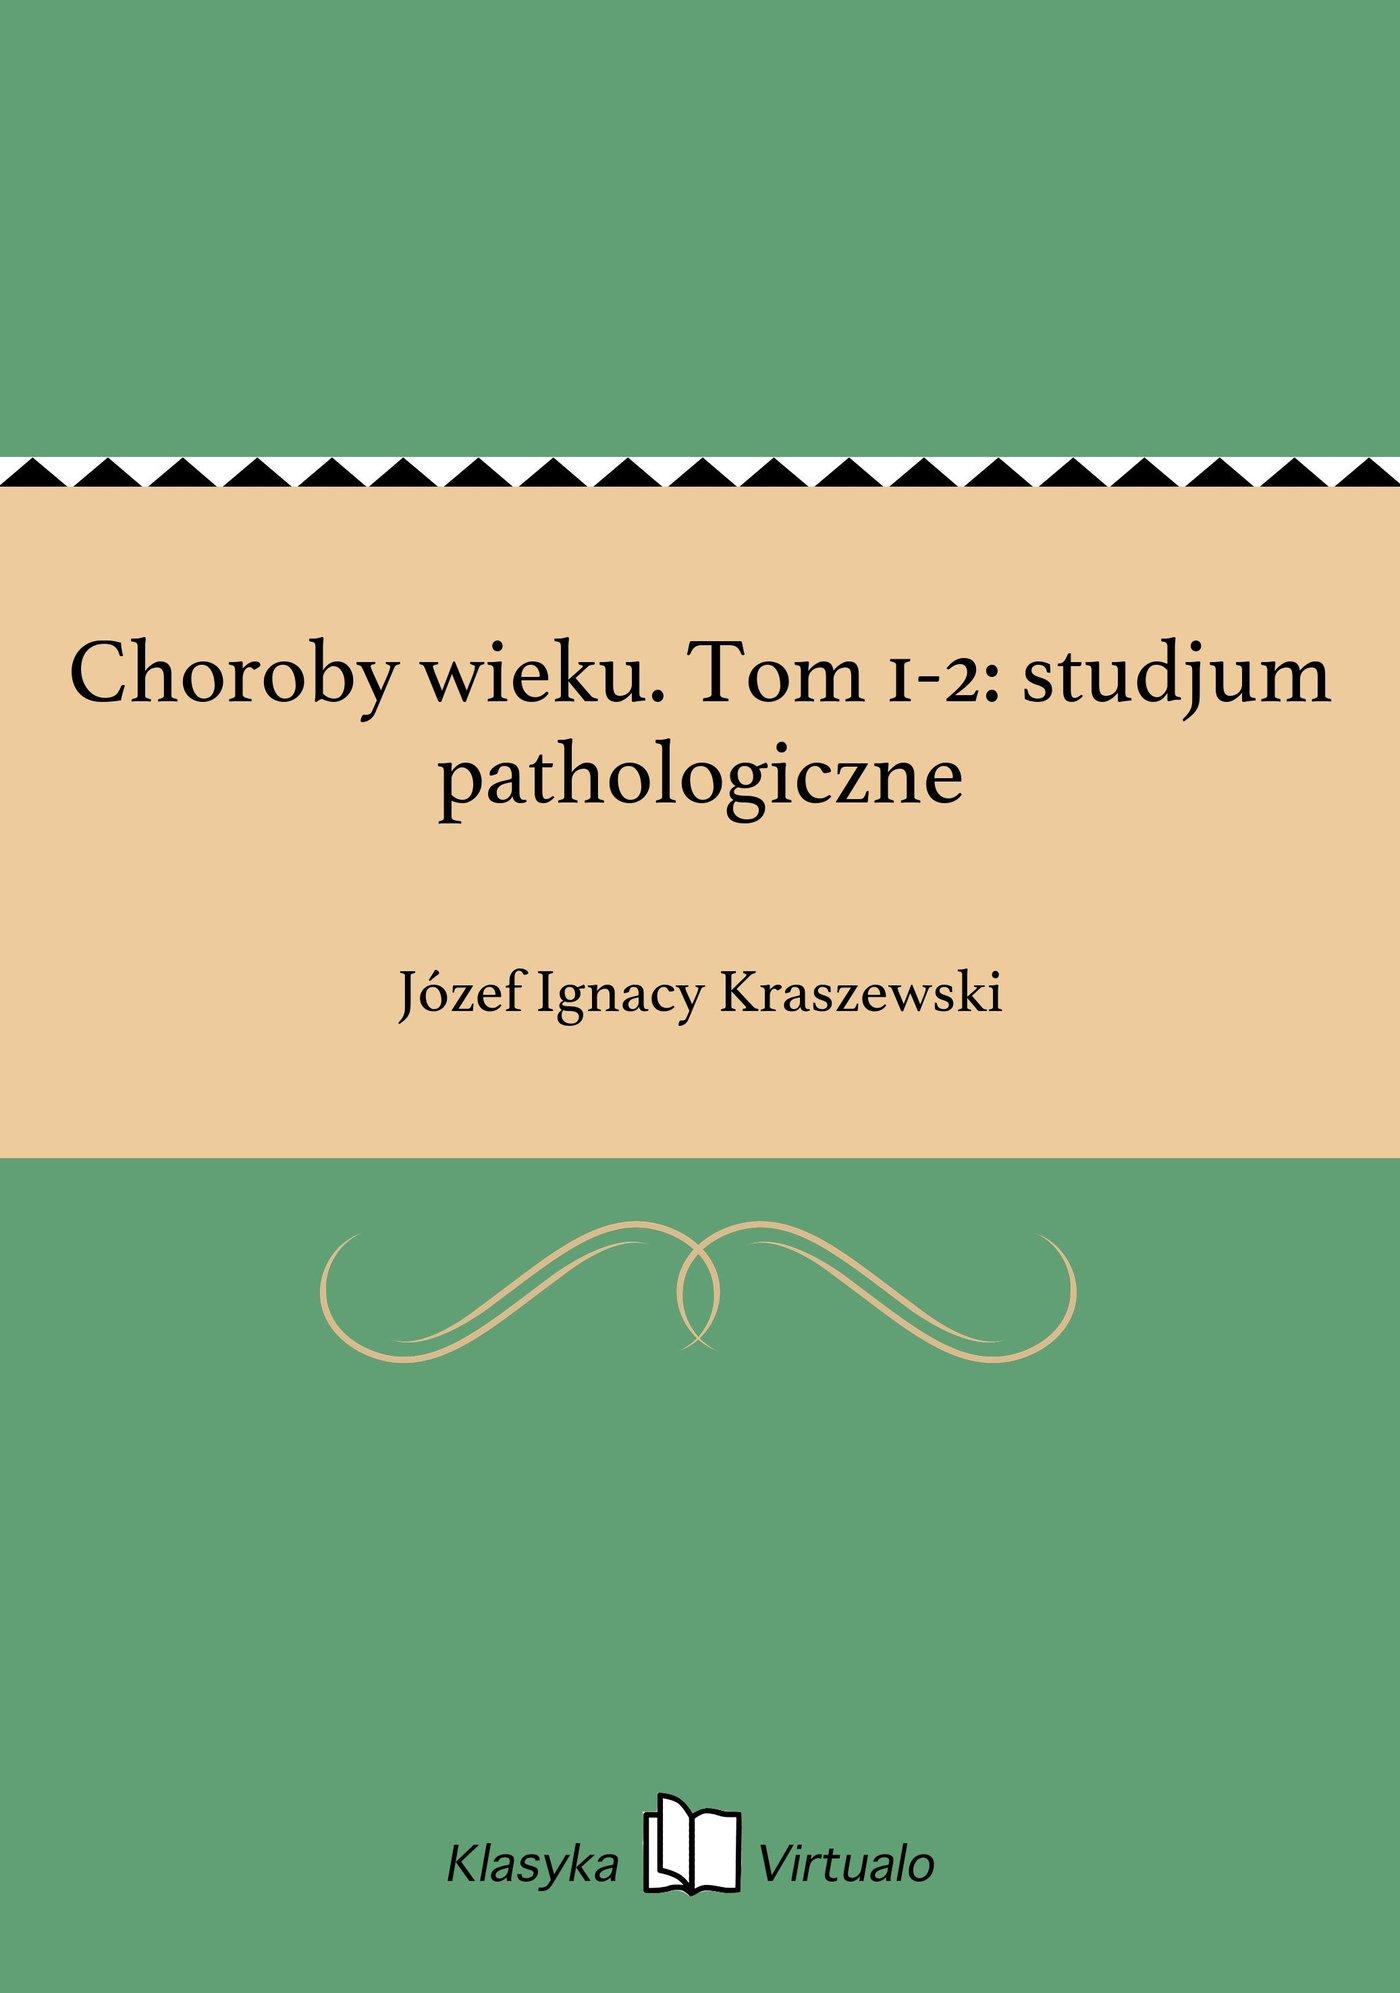 Choroby wieku. Tom 1-2: studjum pathologiczne - Ebook (Książka na Kindle) do pobrania w formacie MOBI